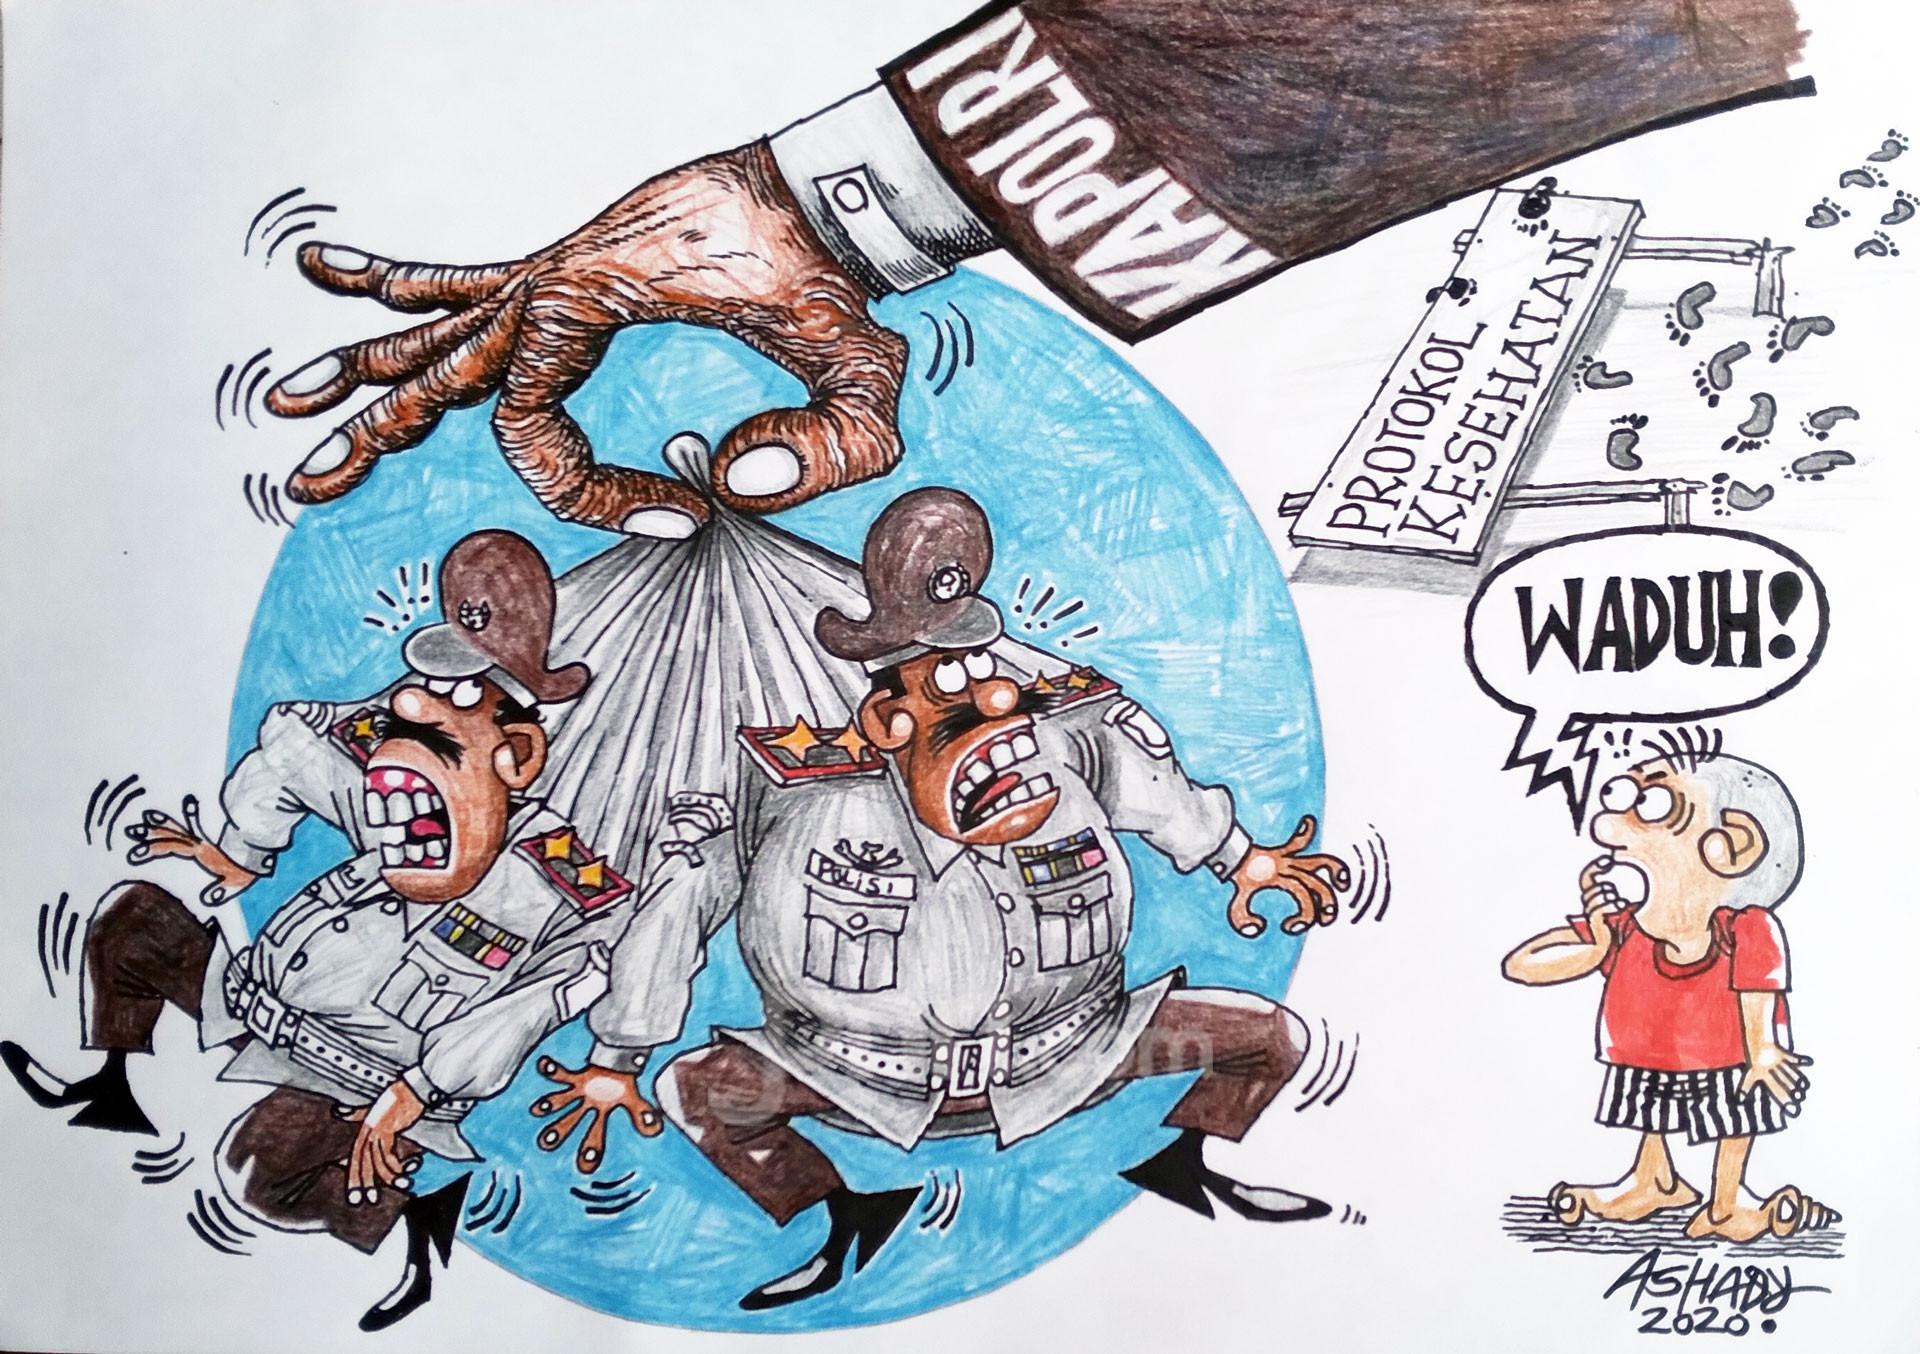 Demi Prokotol Kesehatan Karikatur oleh Ashady - JPNN.com